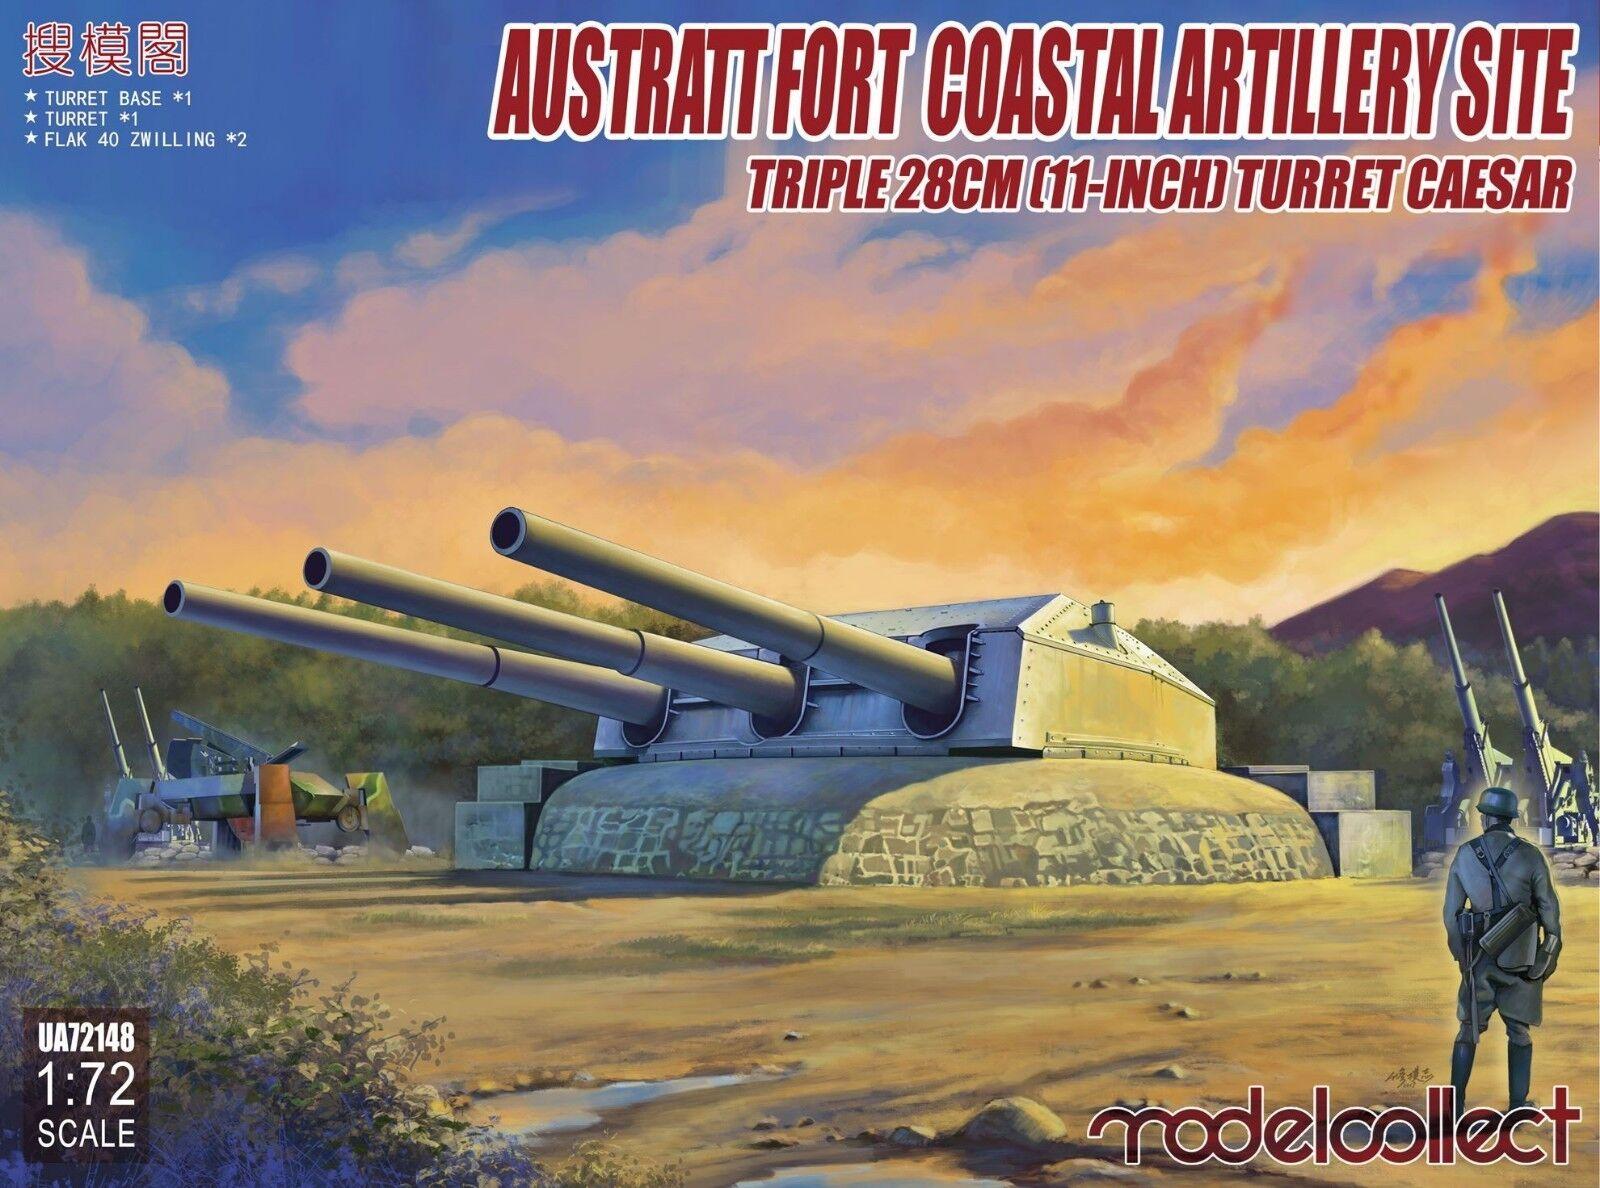 modellllerlersamla U72148, Austront forts kustnära konstilleri tre 28cm torn Ca